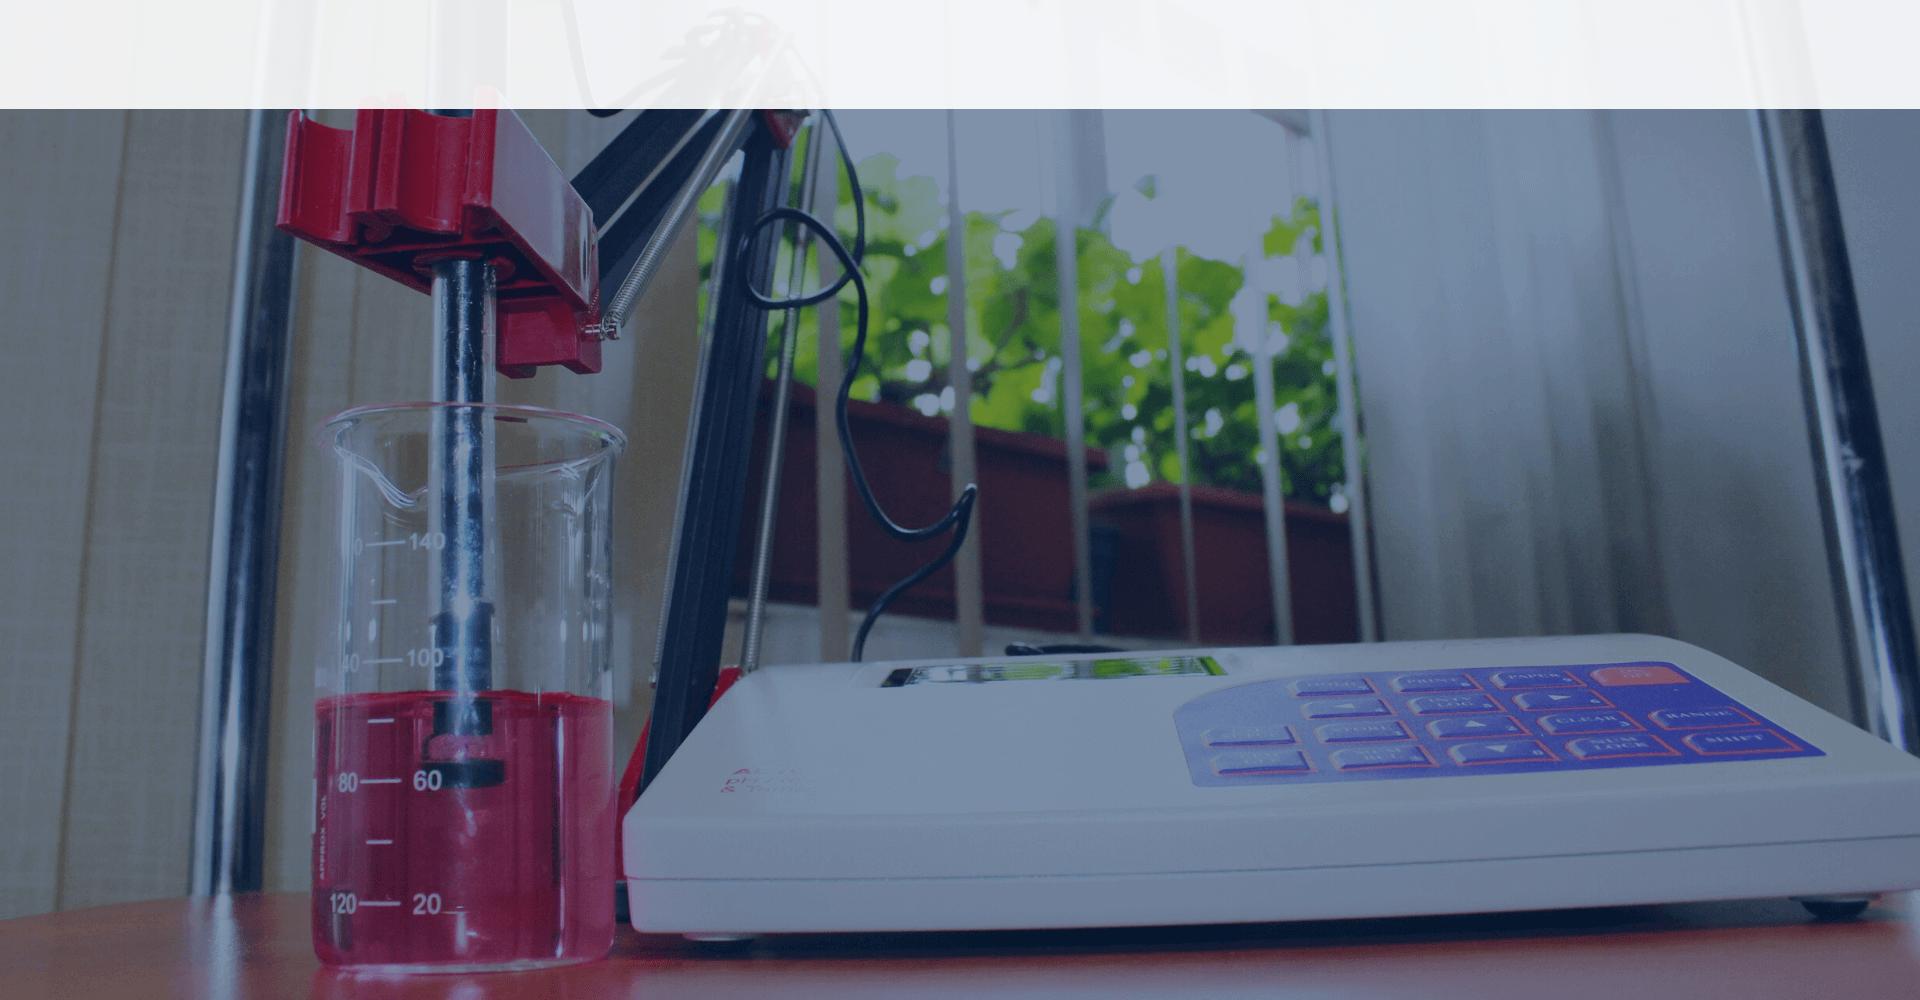 Asztali pH mérők